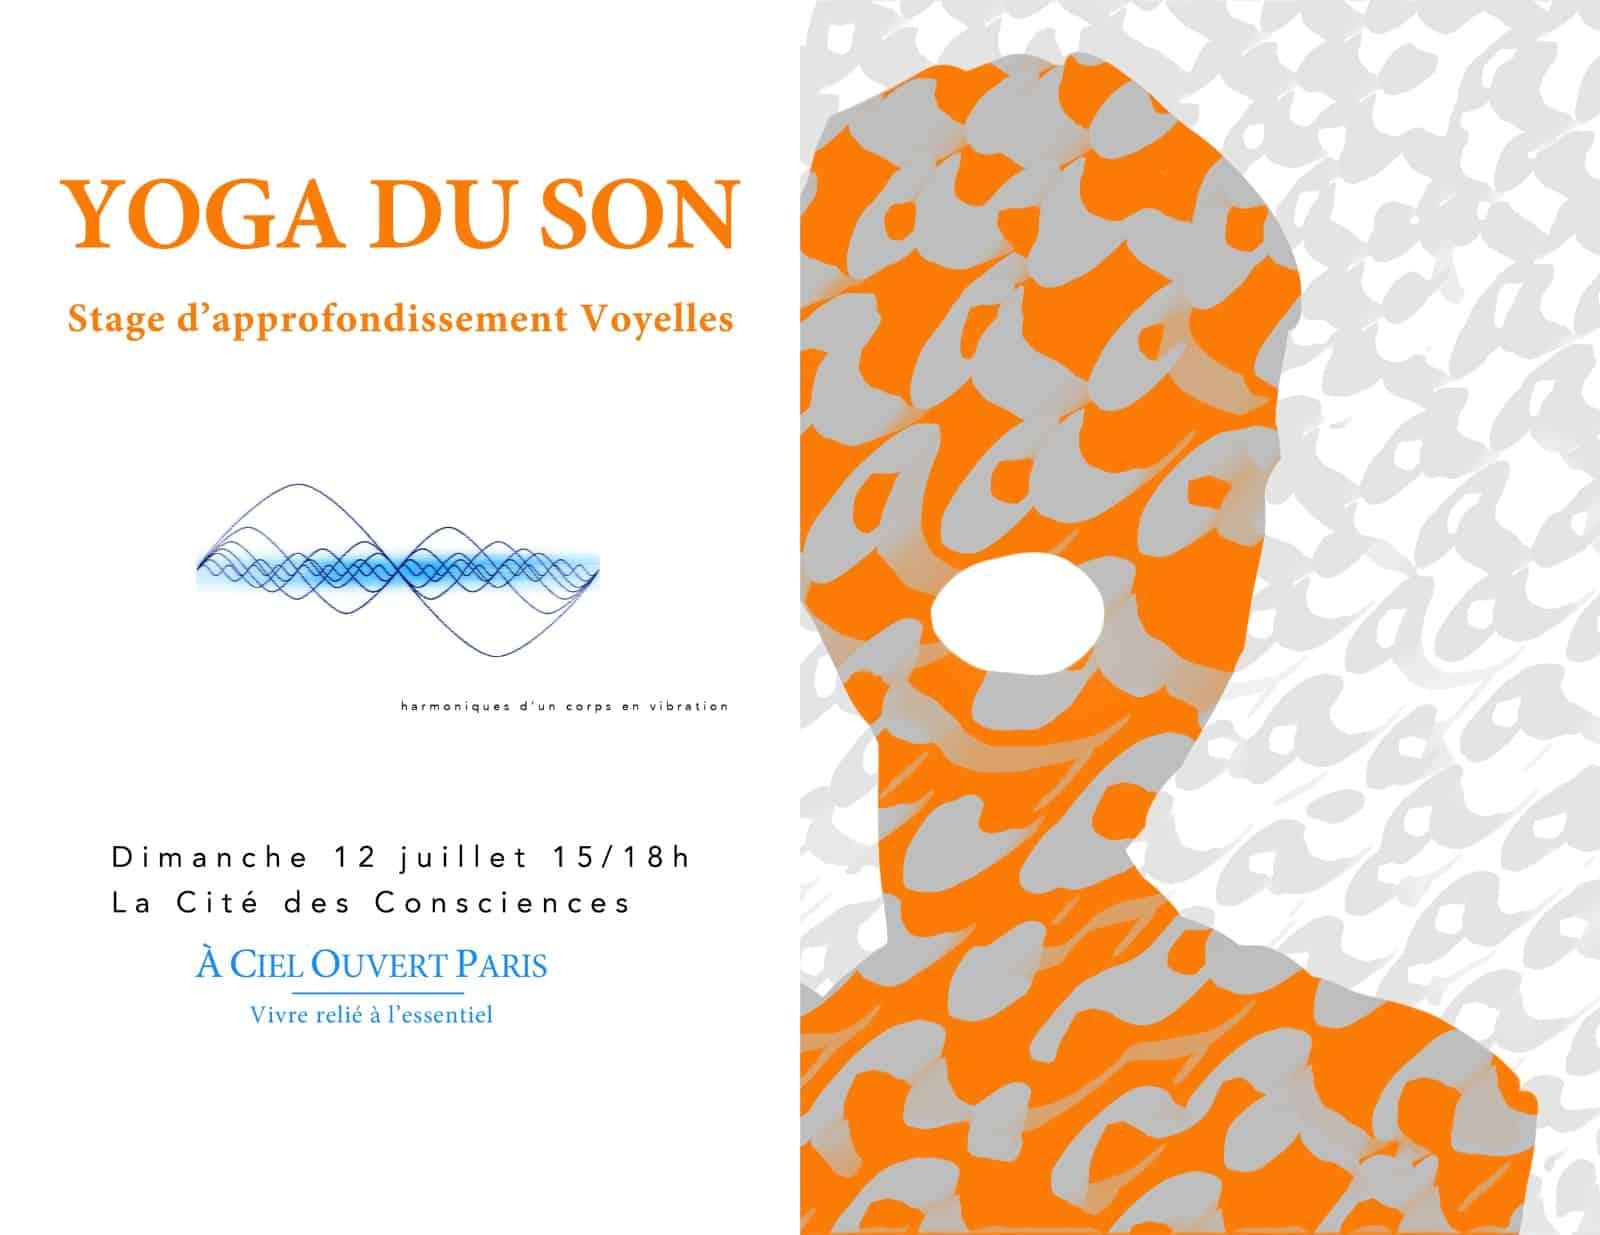 Yoga_du_Son-Gabriel_Feat-Stage_chant_des_voyelles